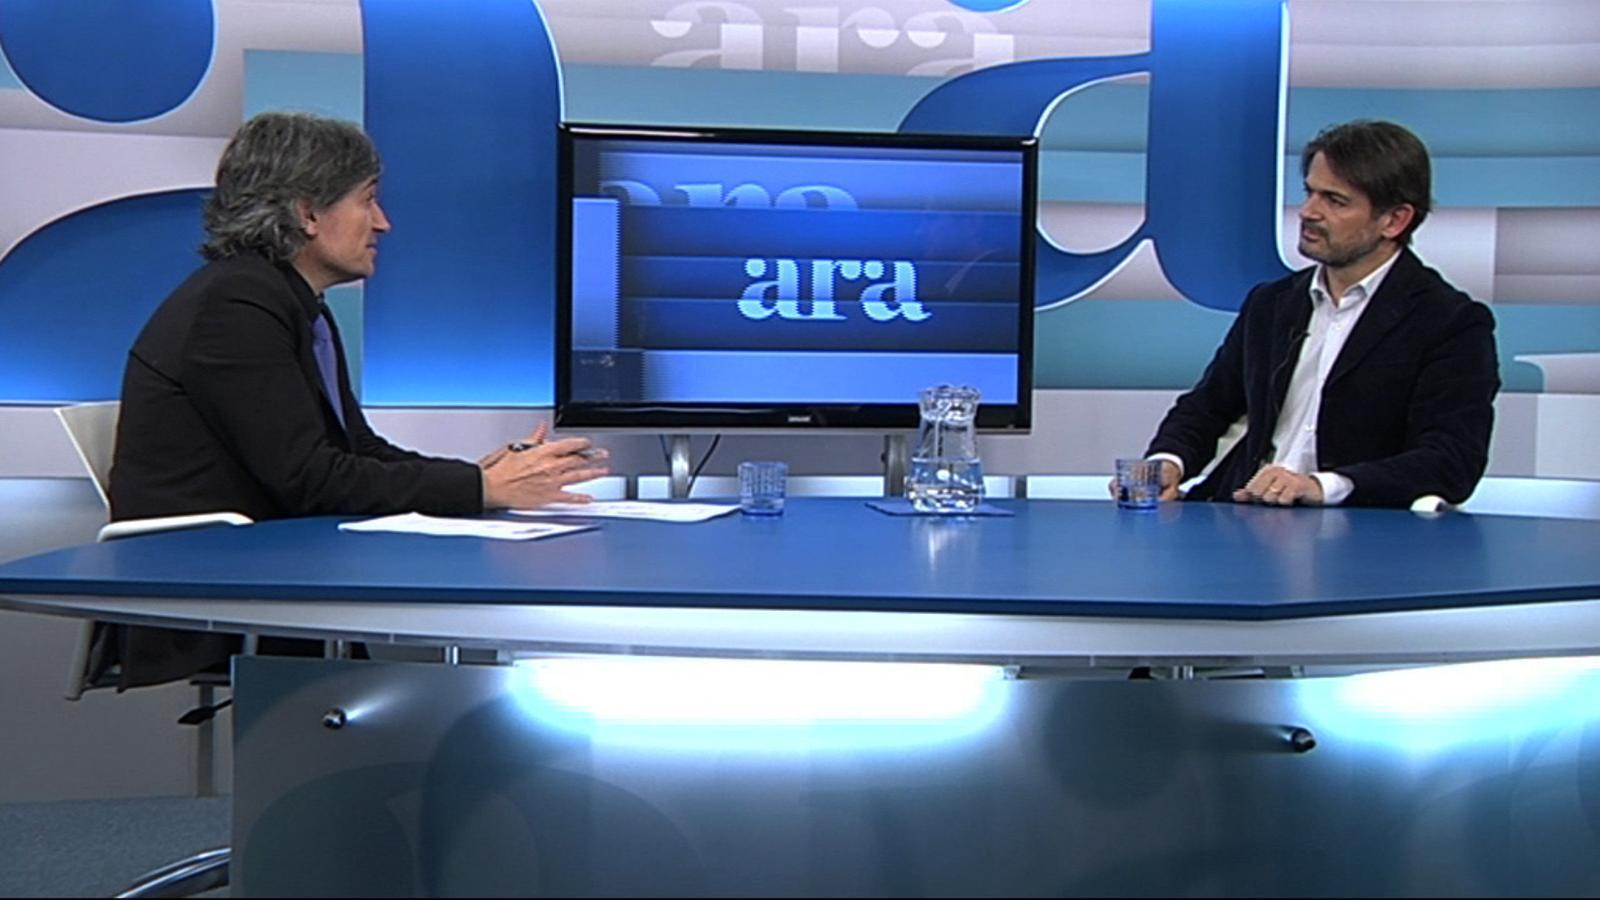 Oriol Pujol: Per tirar endavant un país, un fa pactes amb tothom